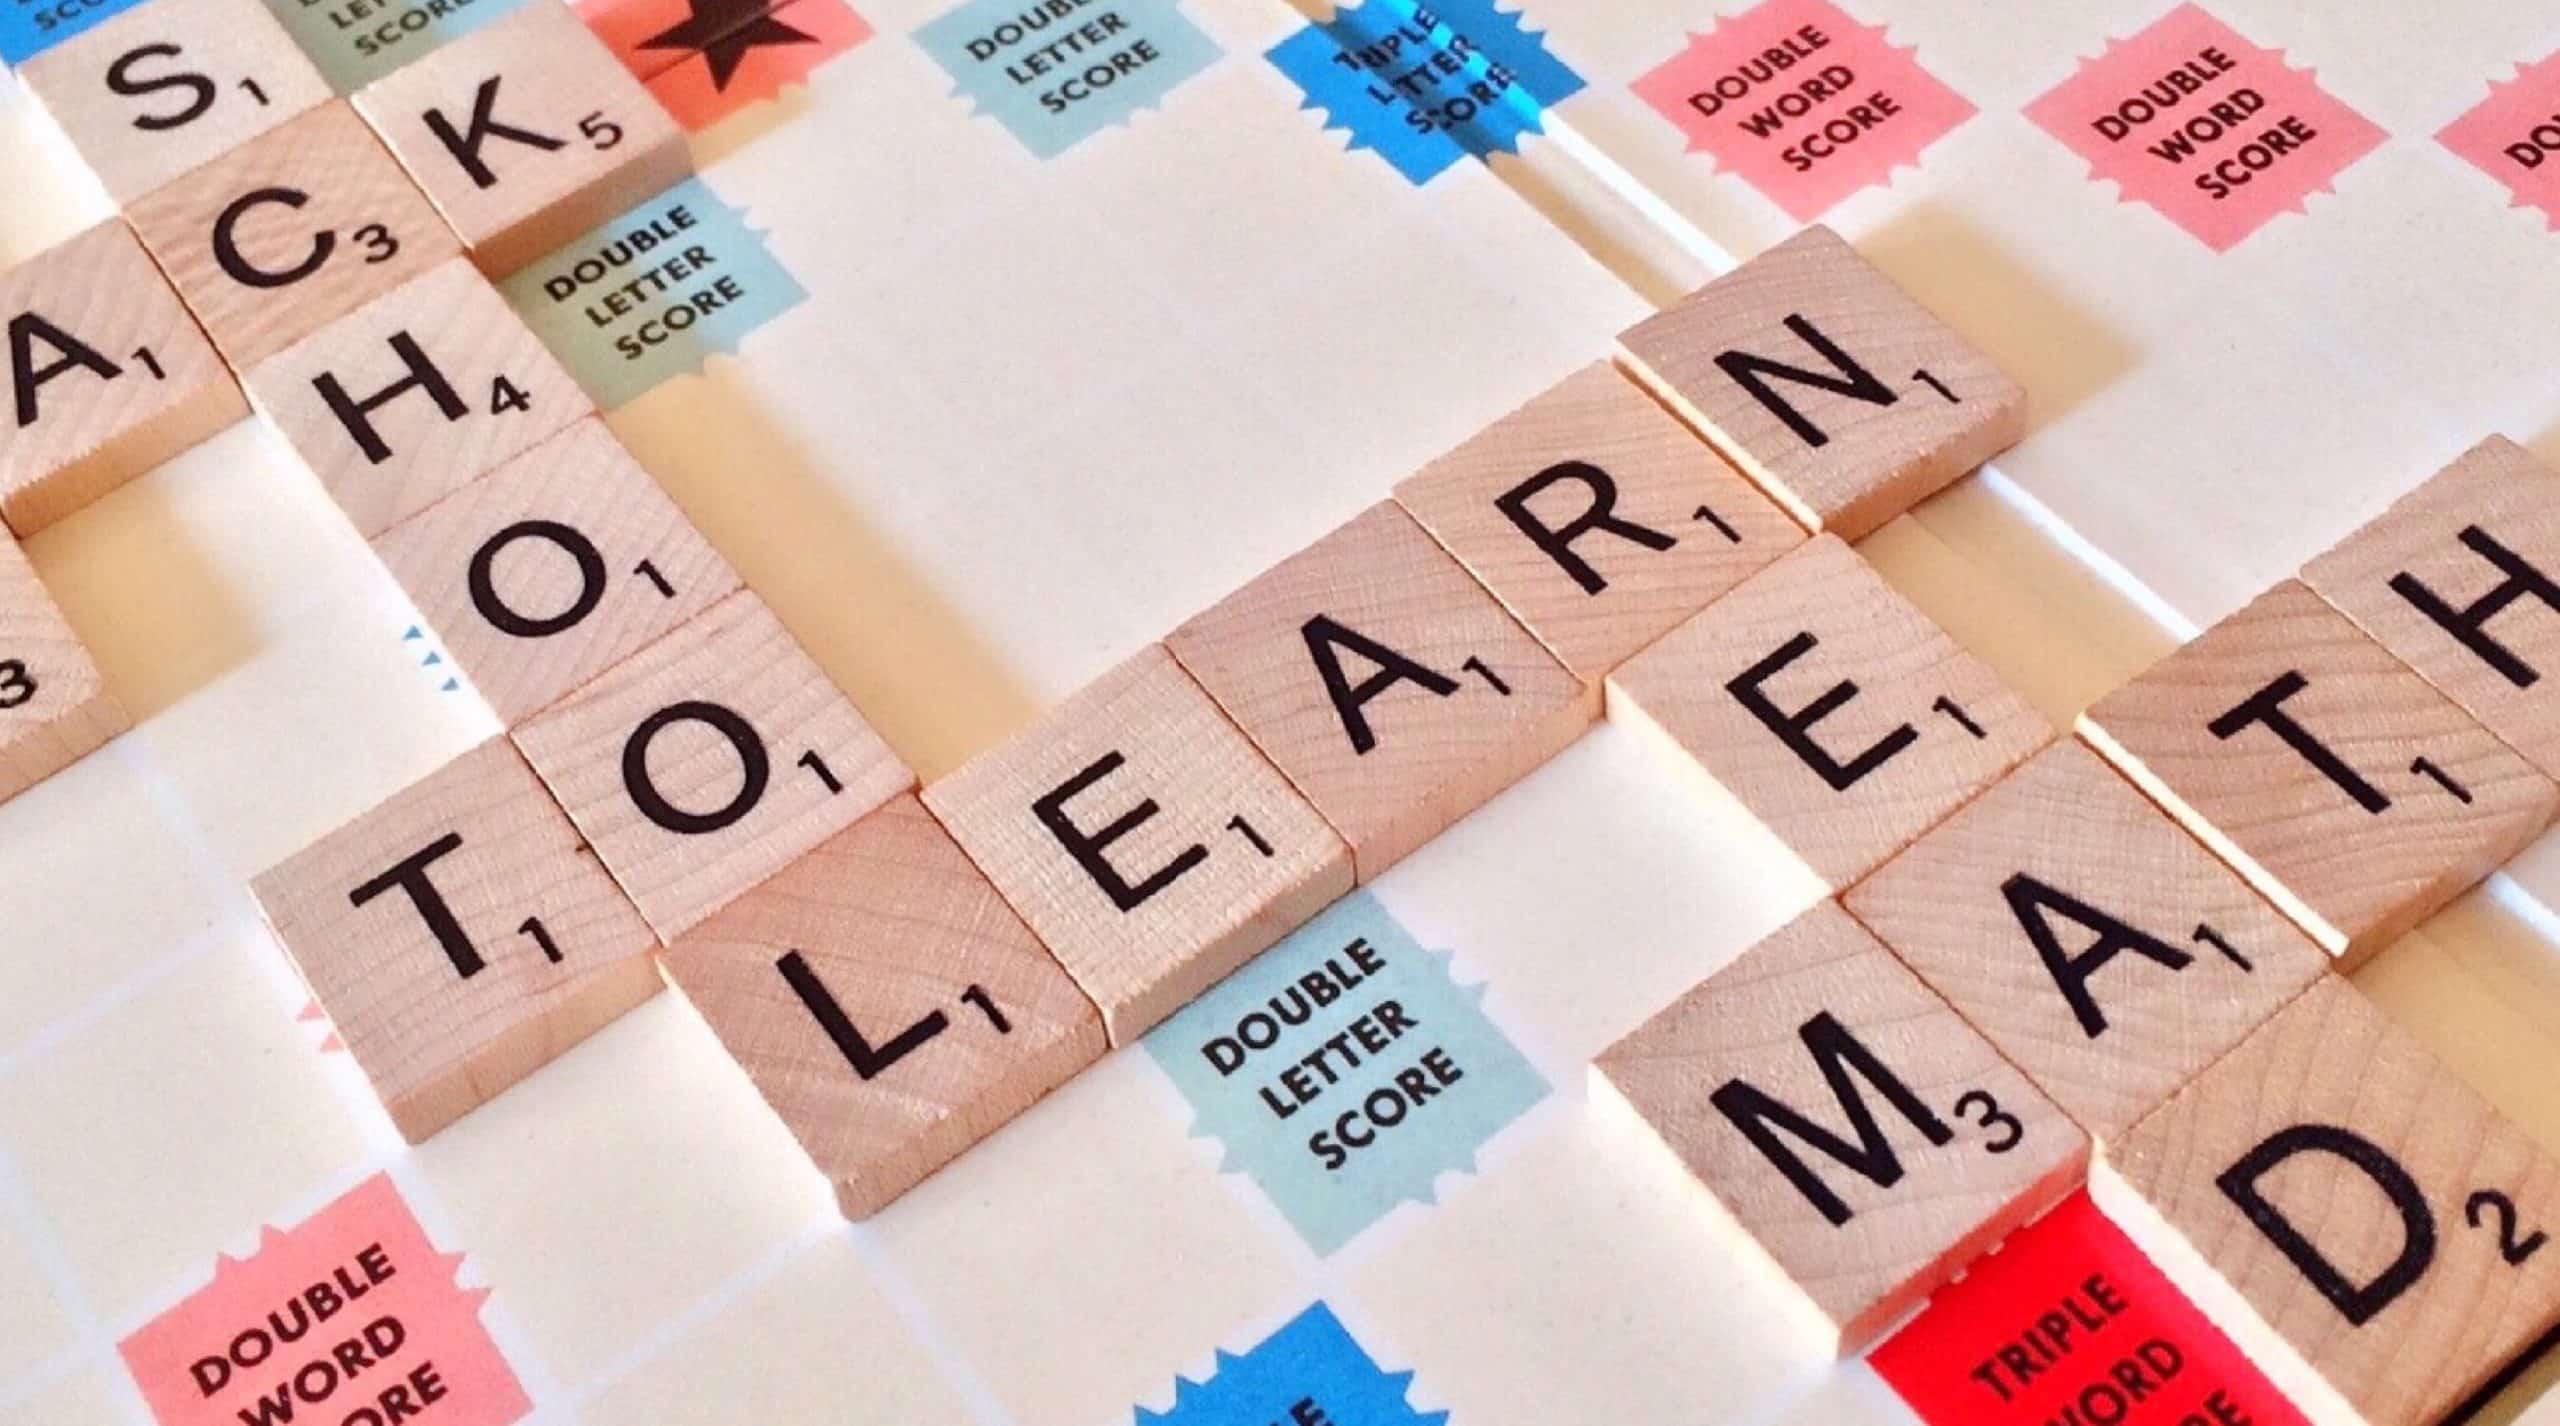 Imparare l'inglese fa bene alla salute